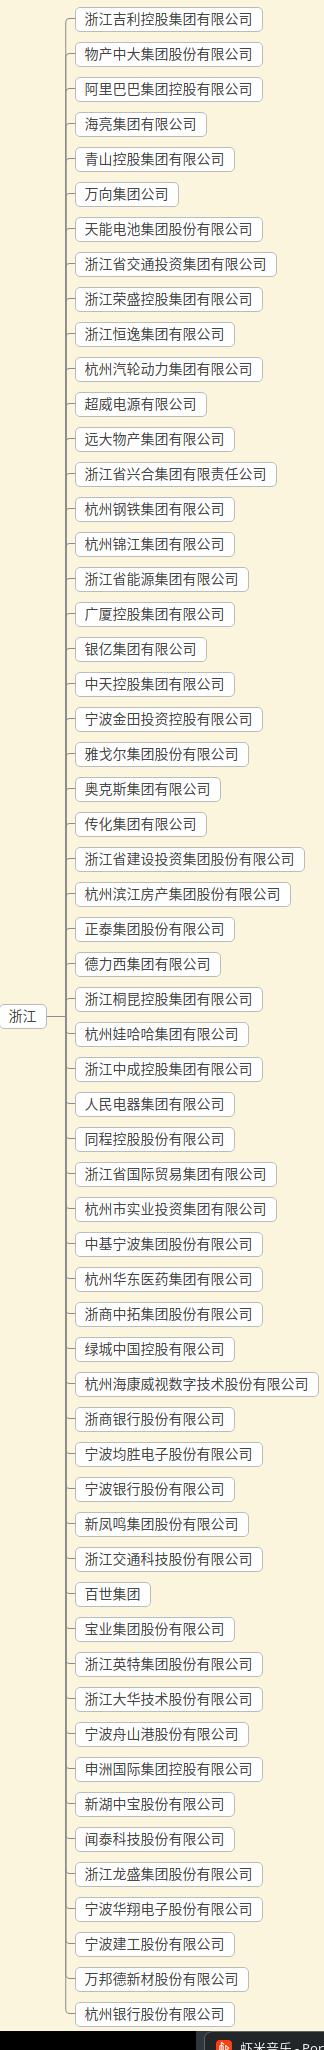 浙江2018中国500强